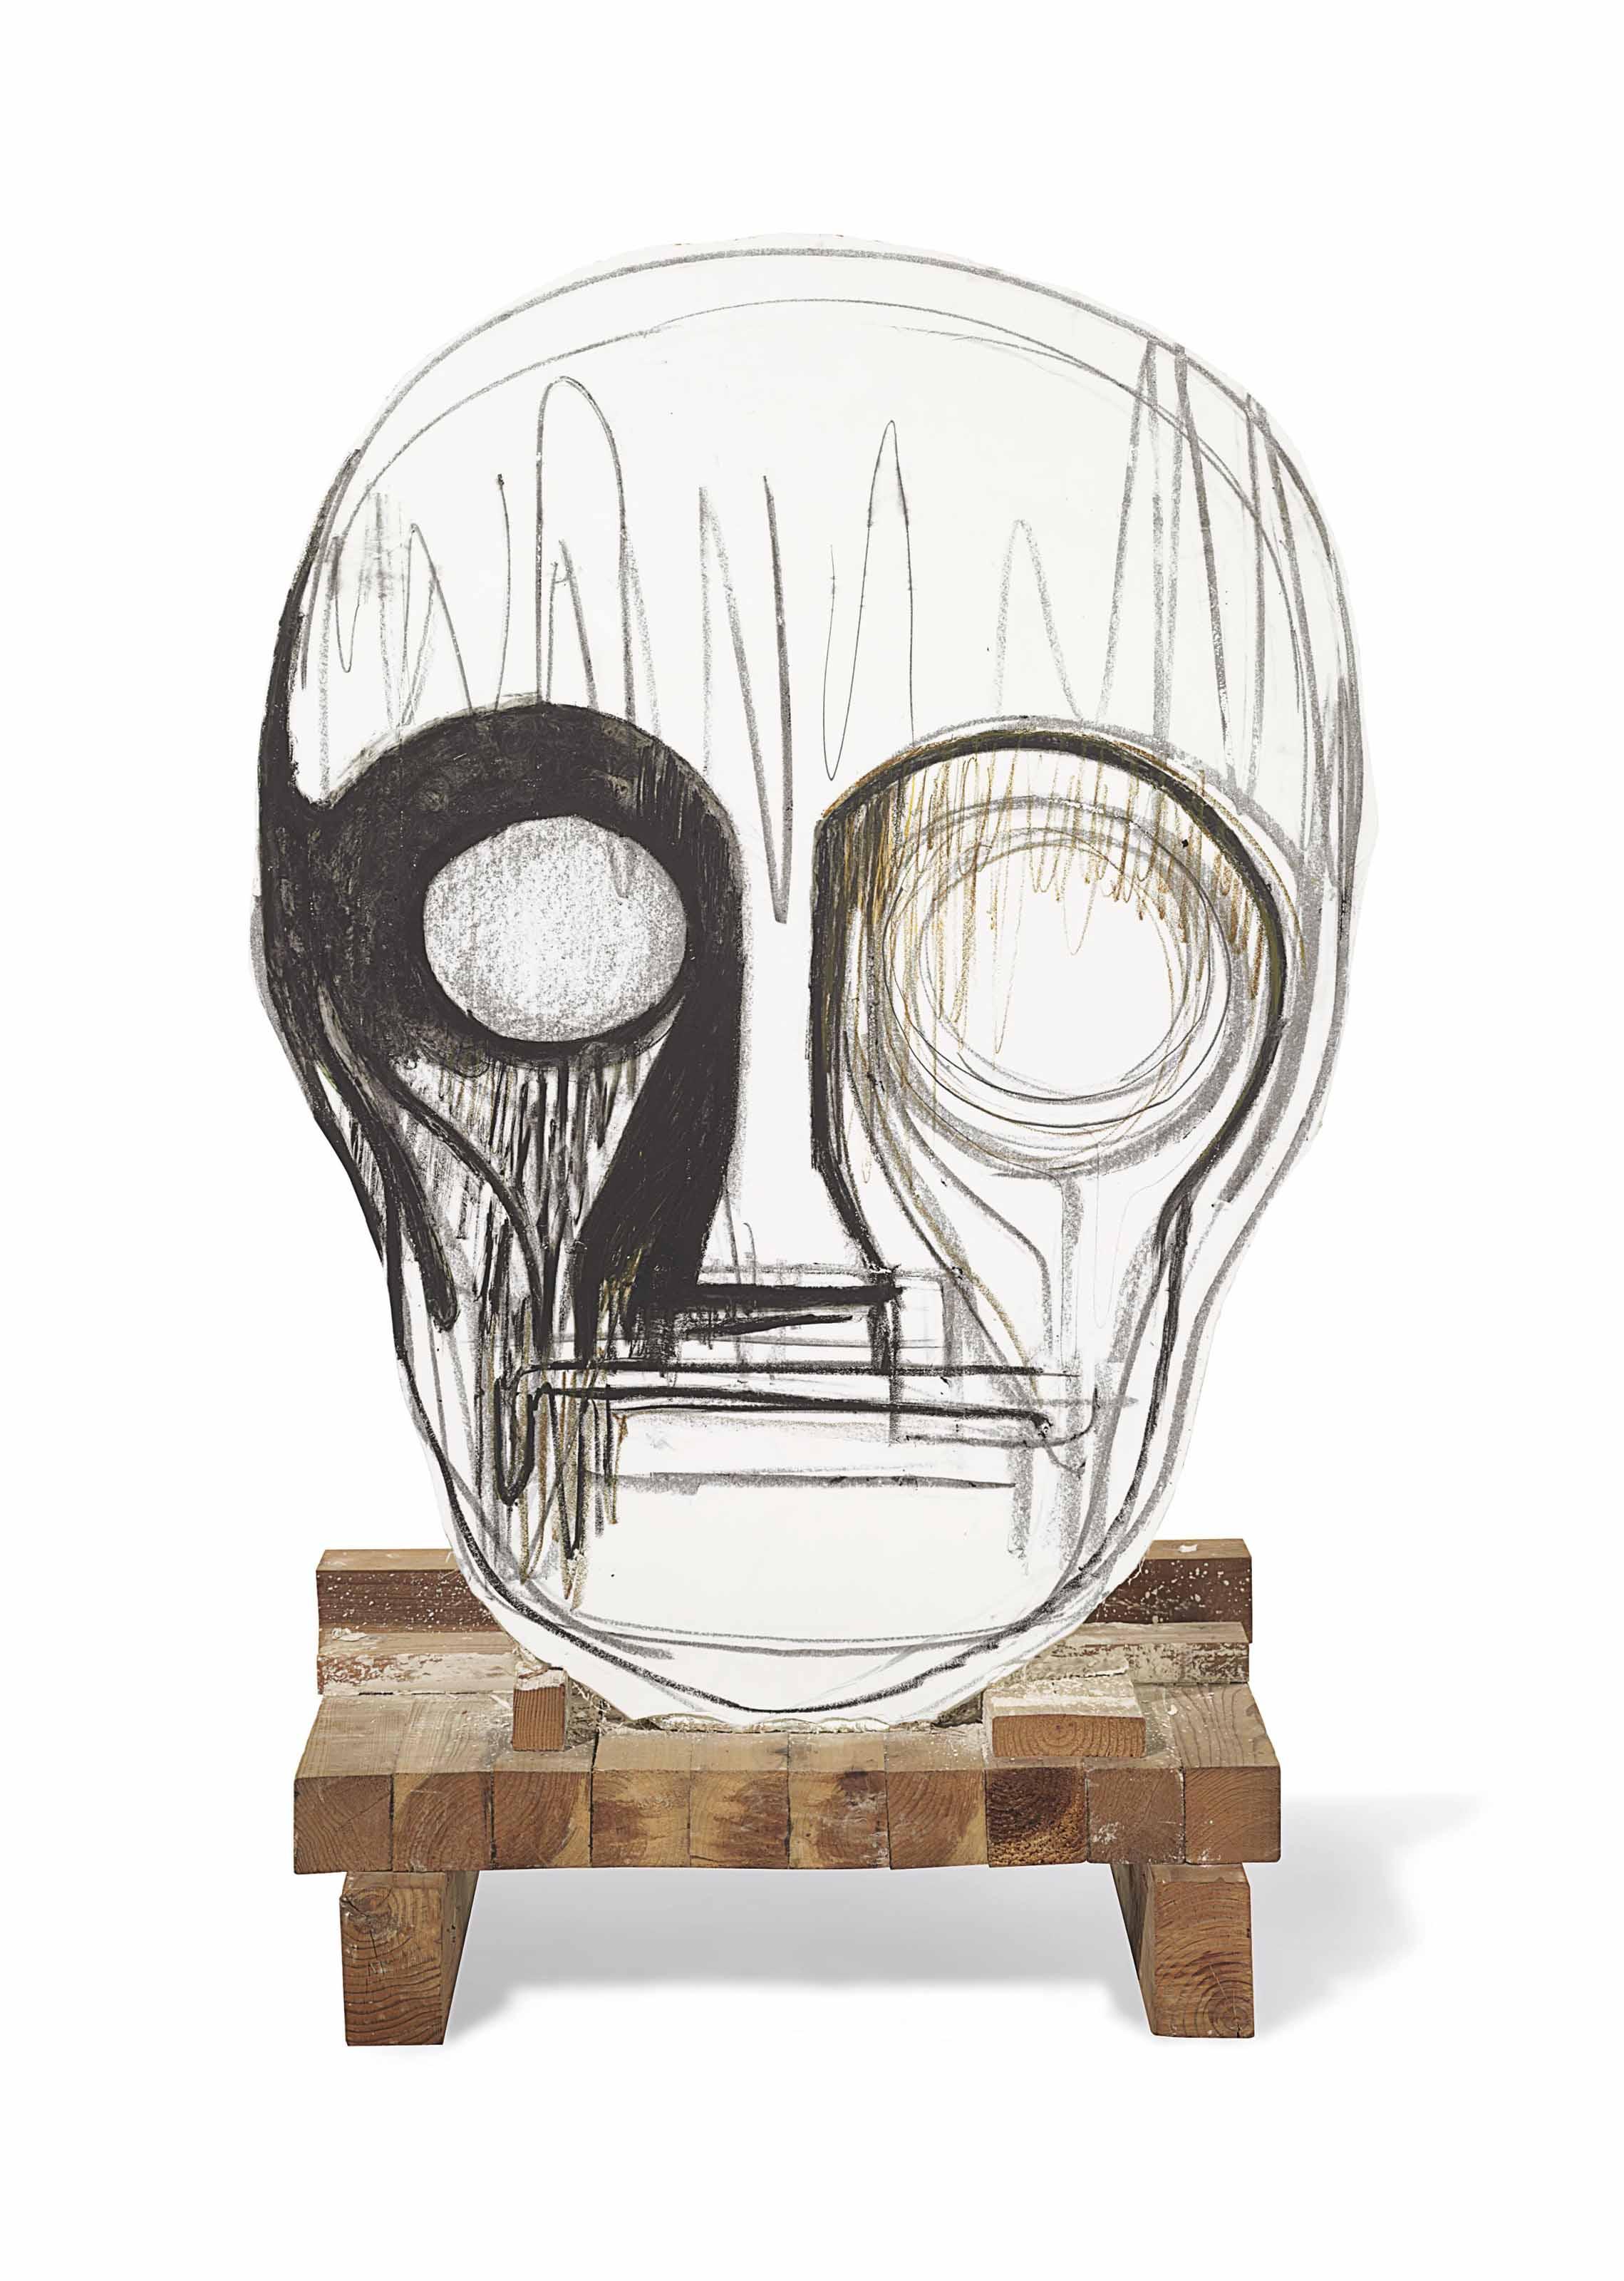 Working Title (Oilbar Mask)